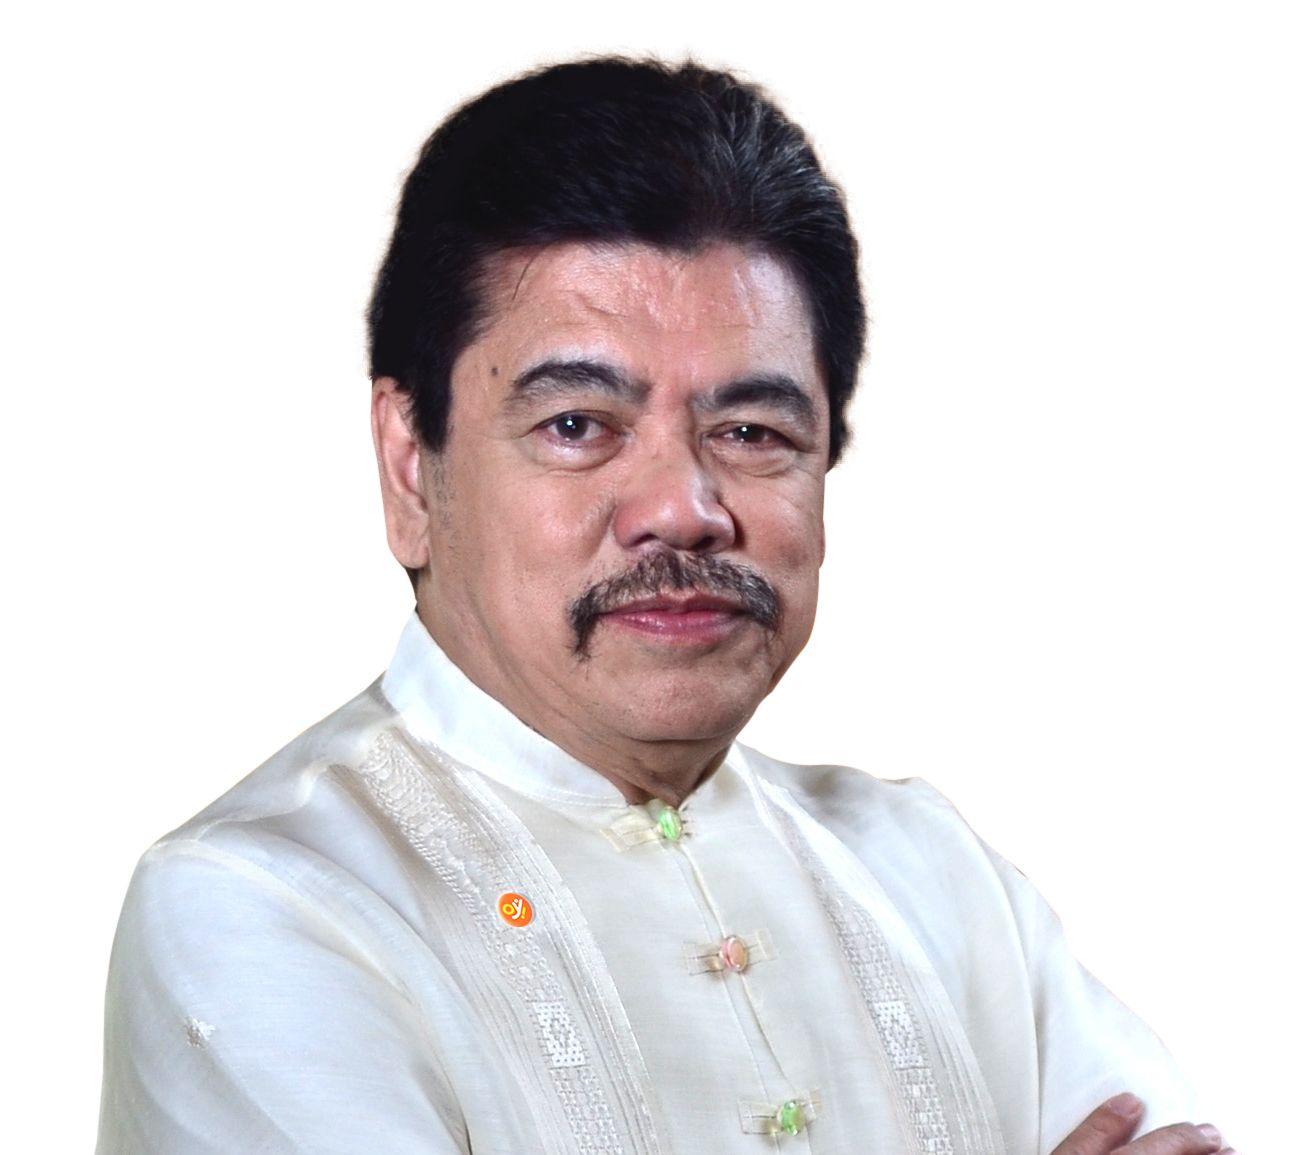 Boboy Yonzon